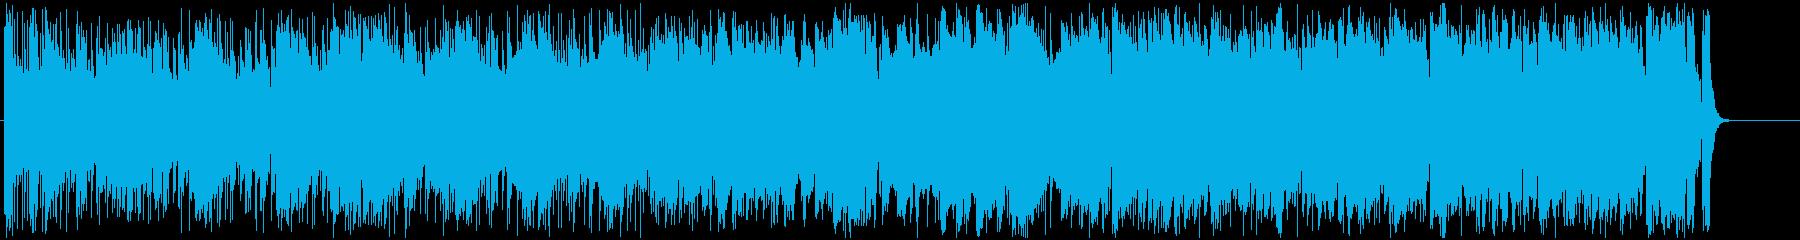 ダイナミックでどこか懐かしいメロディの再生済みの波形